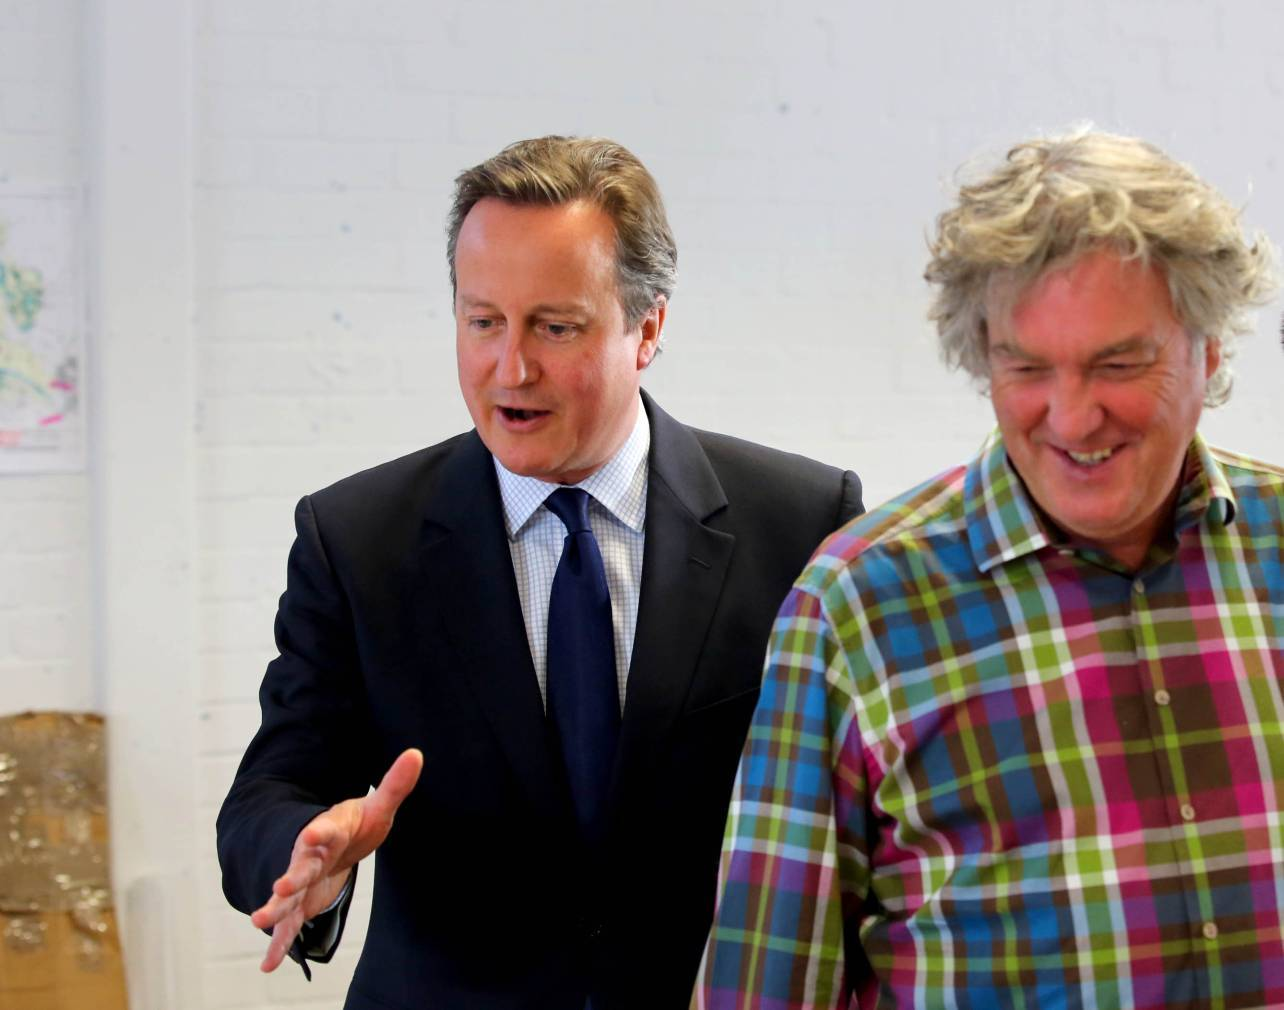 David Cameron meets James May